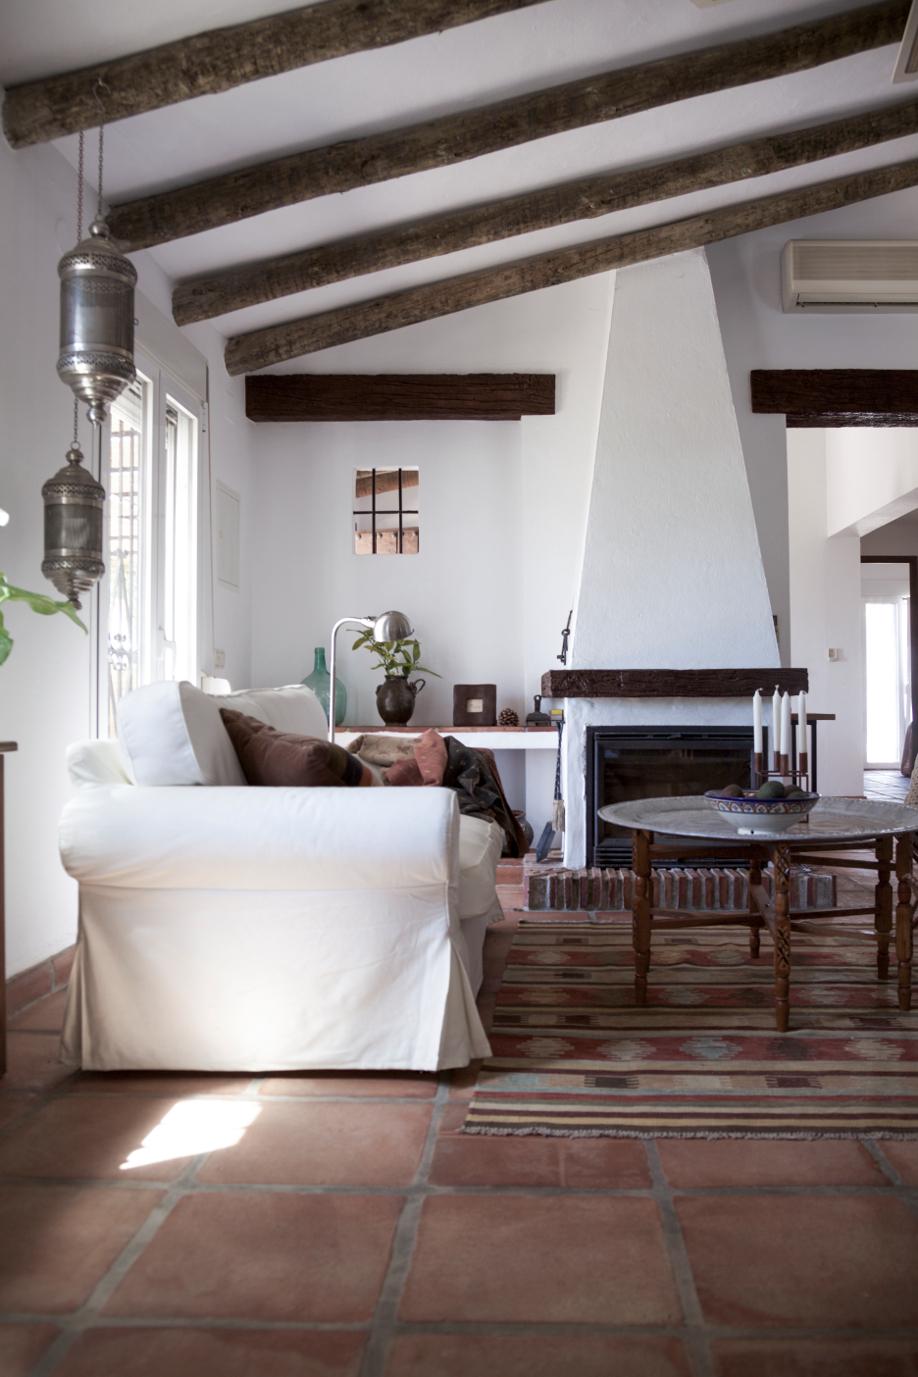 westwing-spanischer-stil-wohnzimmer-couch-weiss